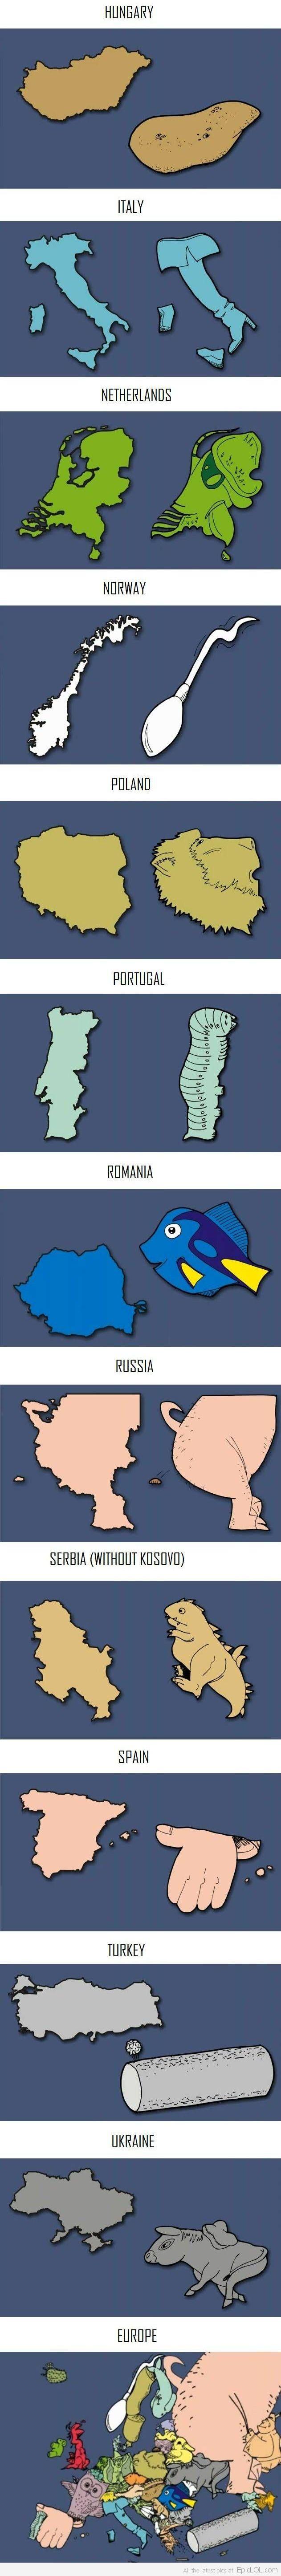 what-countries-really-look-like - Kopya